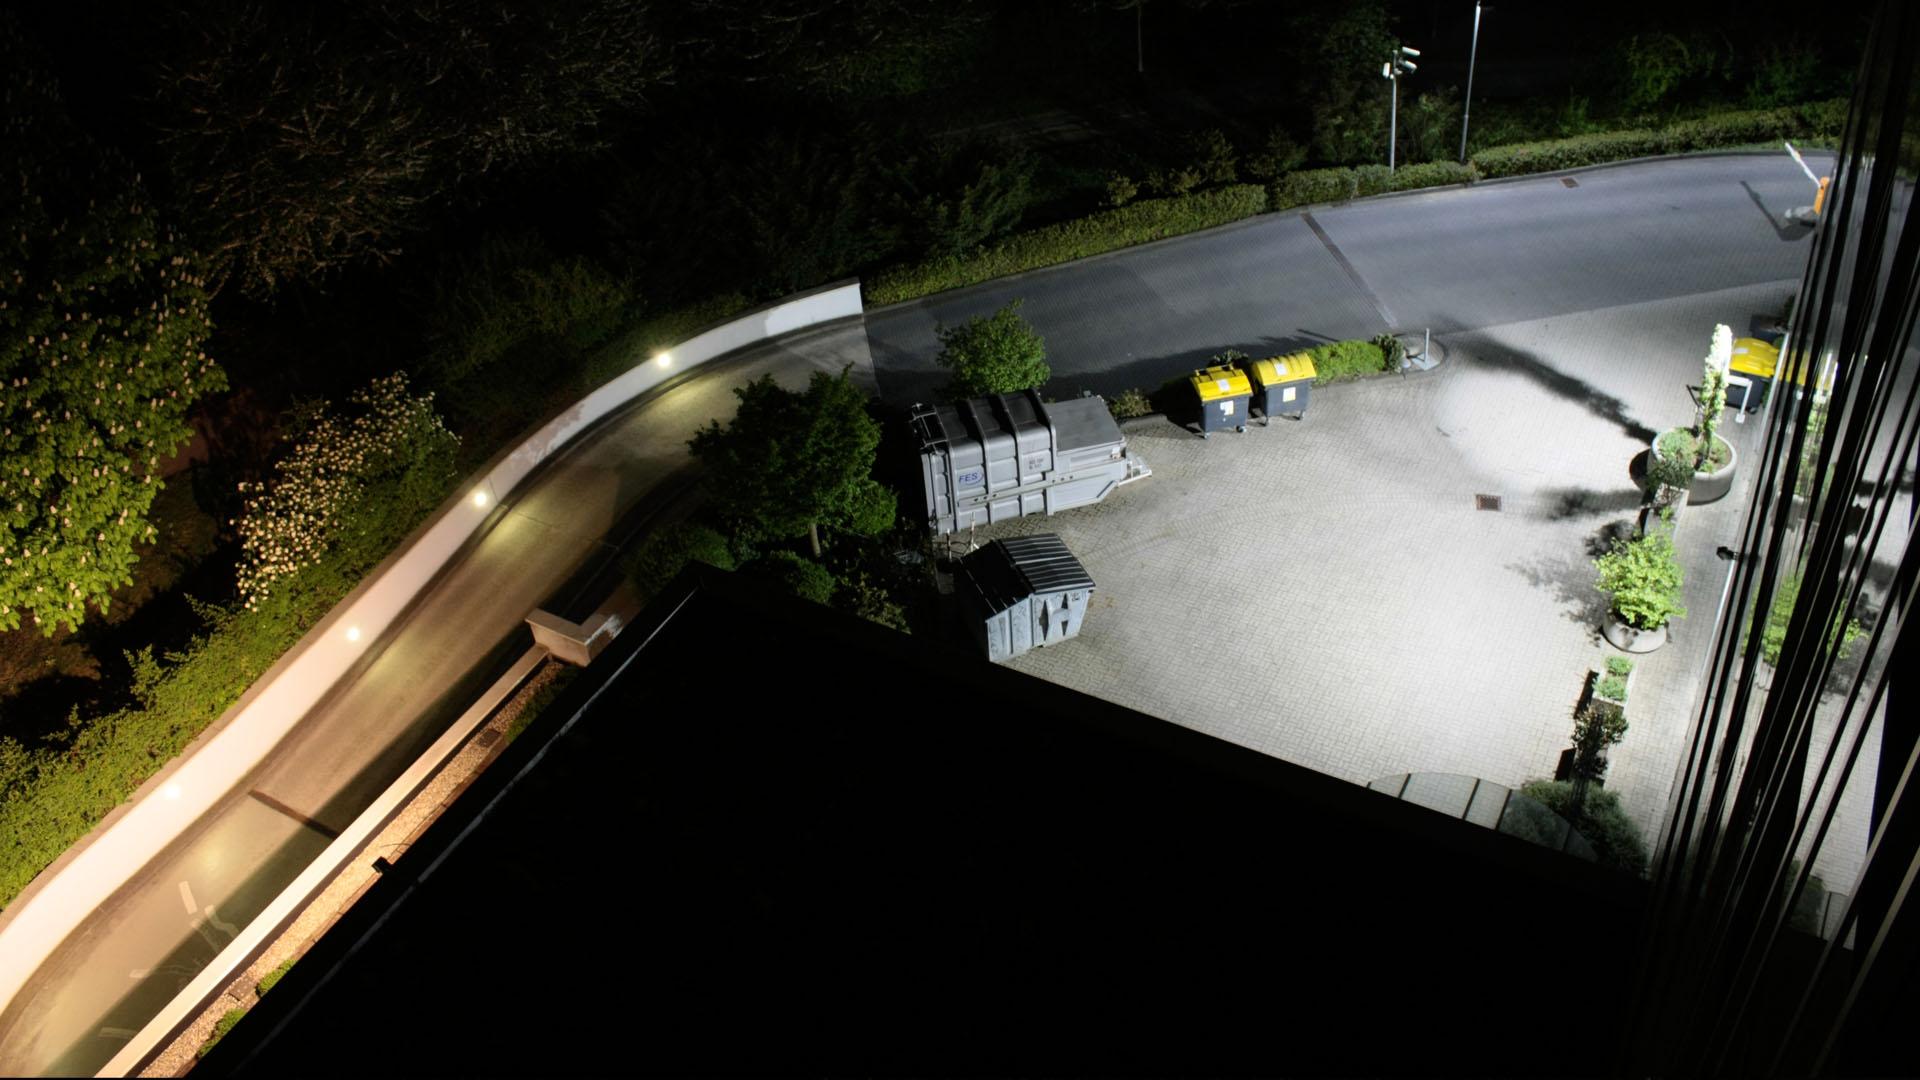 MAASS-Lichtplanung_Lichtplanung für Fassade und Freiflächen__02_Olof-Palme-Straße_Slideshow_07